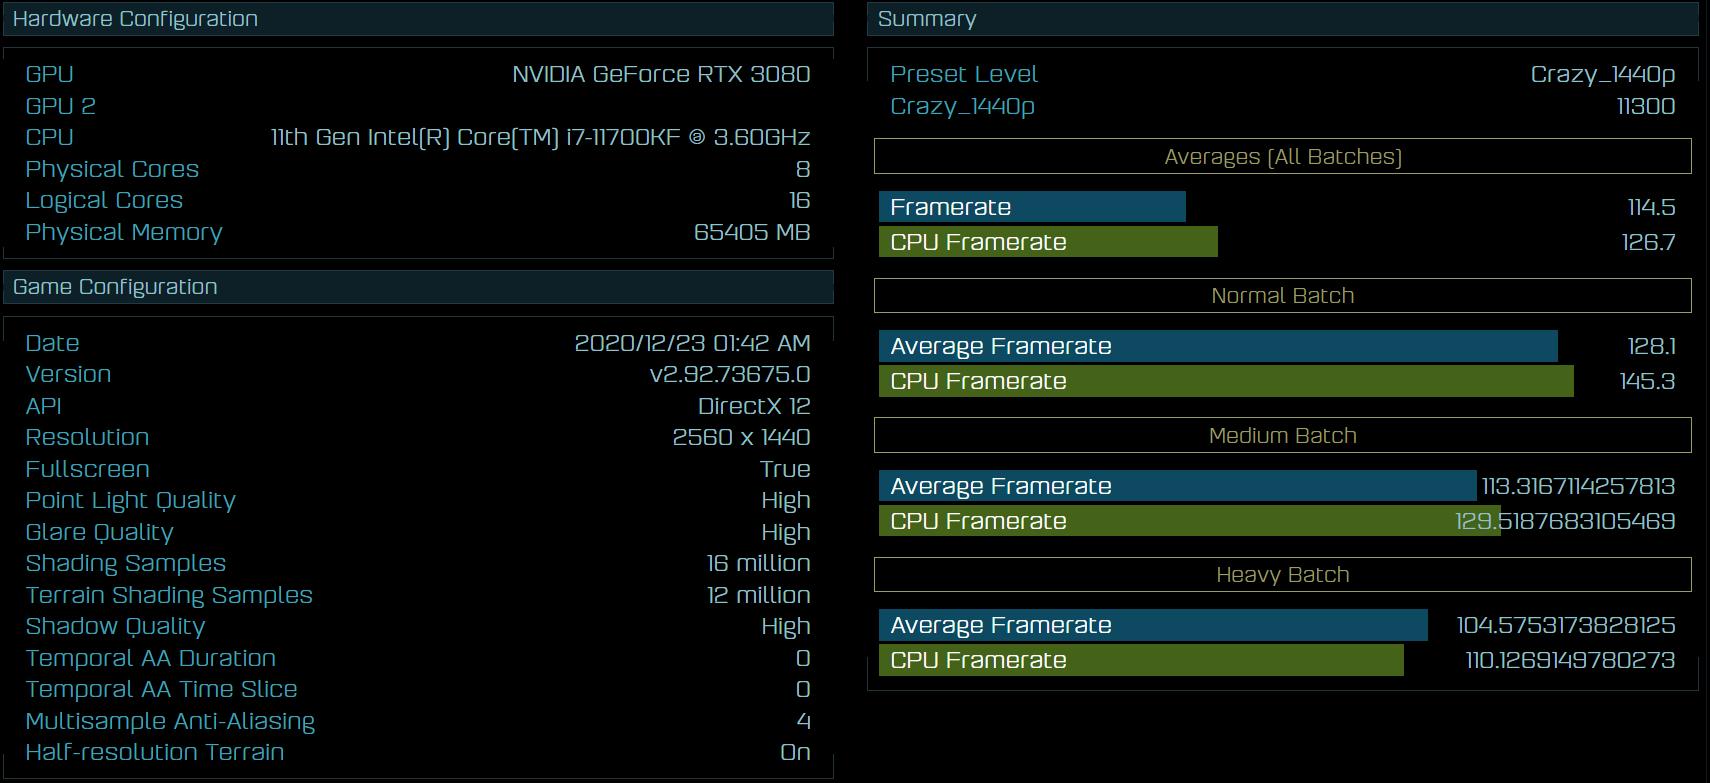 Intel Core i7-11700KF im Ashes i Singularity Benchmark